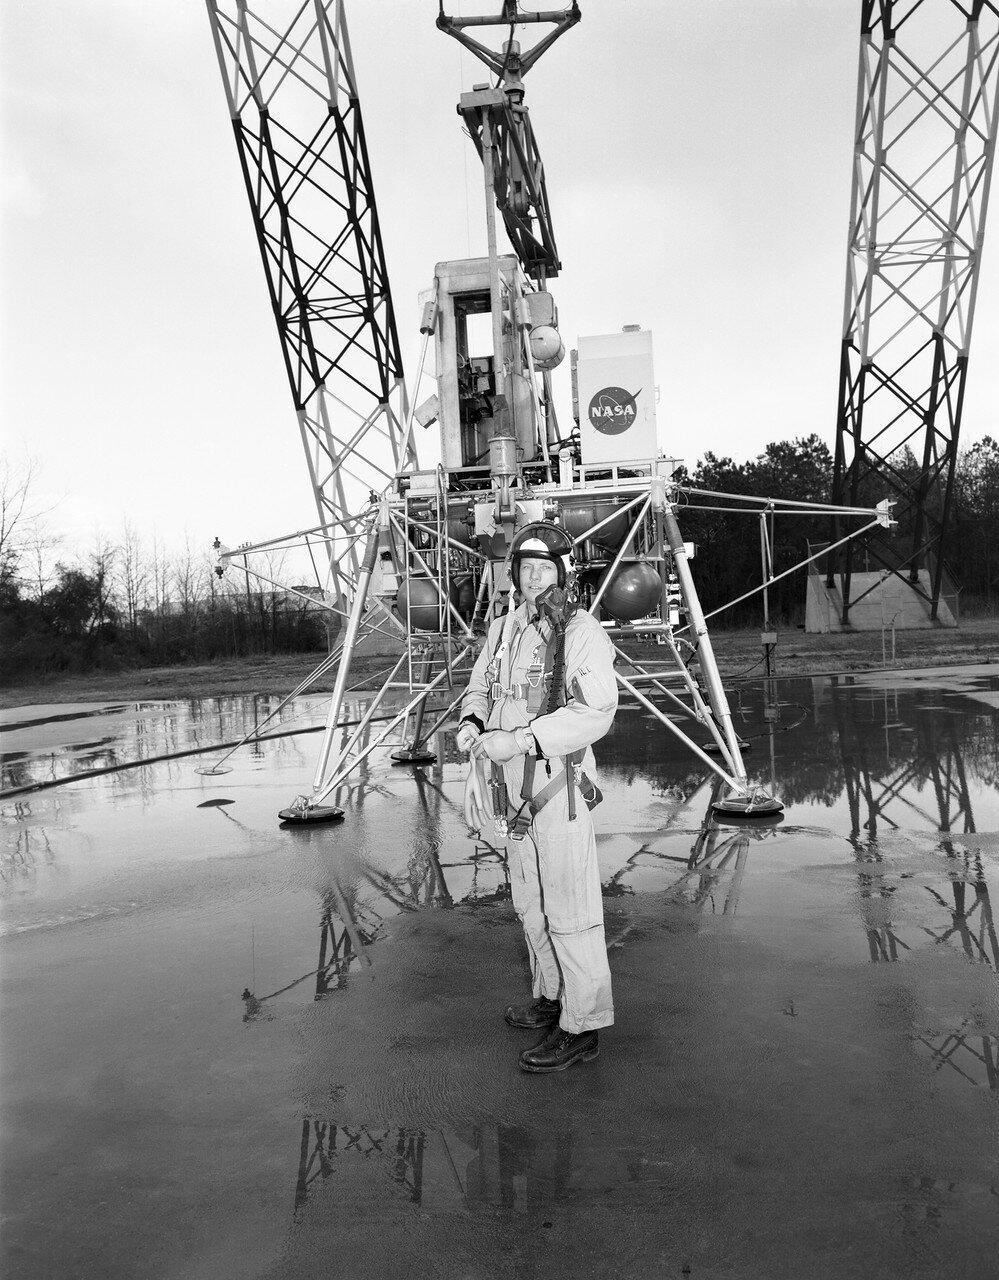 1969, 12 февраля.  Пилоты тренировались на модели лунного модуля, которая подвешивалась к высокой башне-крану на тросах, чтобы компенсировать 5/6 массы тренажёра. На снимке Нил Армстронг перед тренажёром лунного модуля, подвешенным к башне-крану